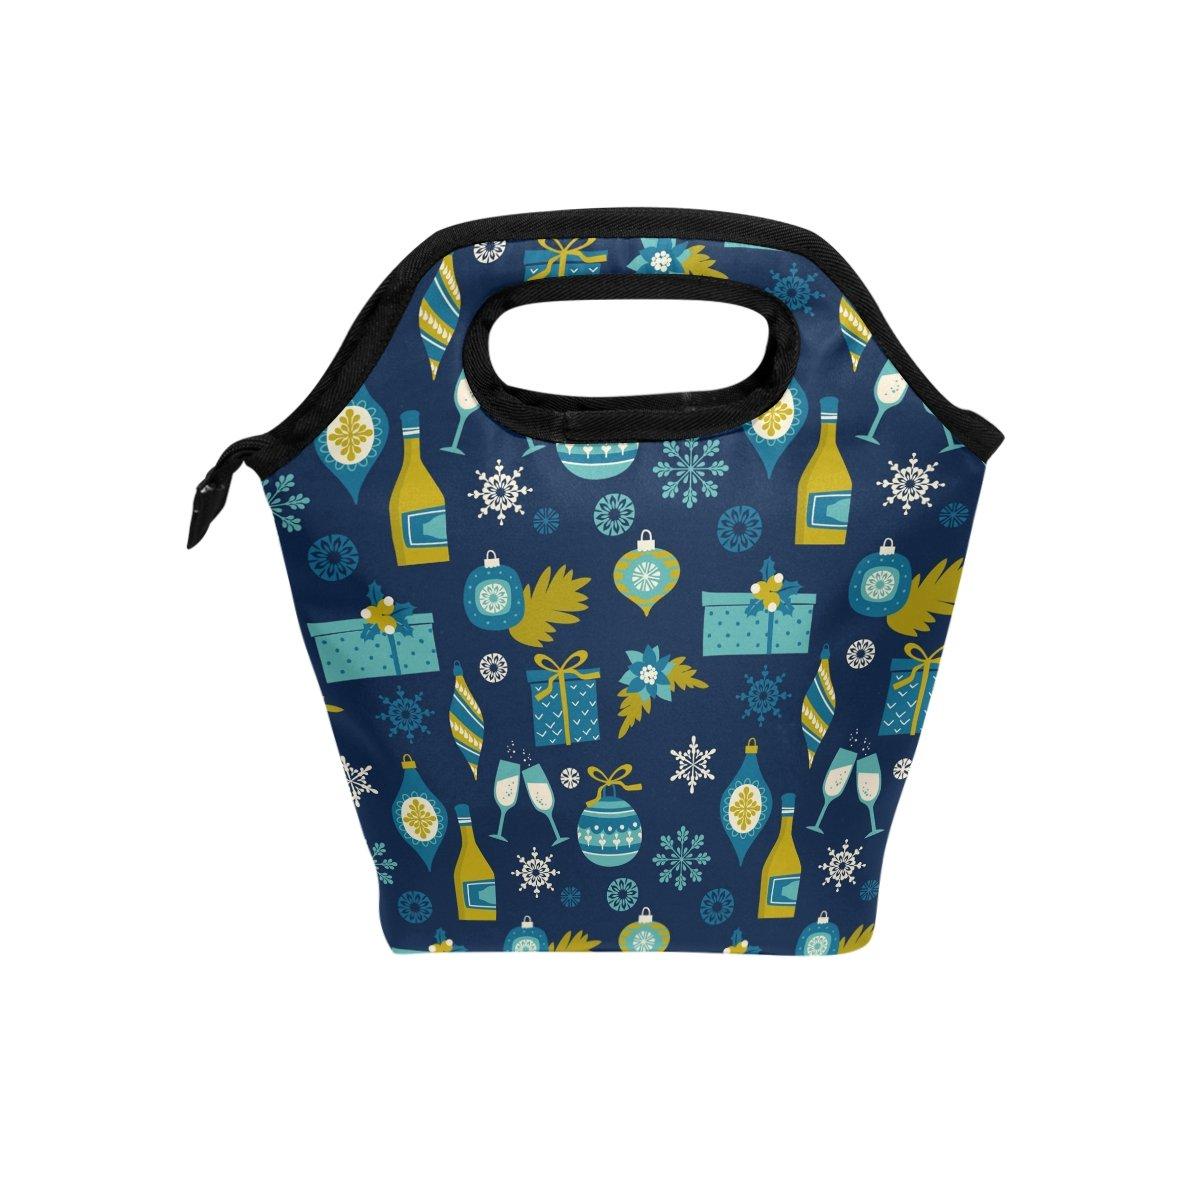 JSTEL - Bolsa de almuerzo con bolsa de mano, bolsa de almuerzo, contenedor de alimentos, para viajes, picnic, escuela, oficina